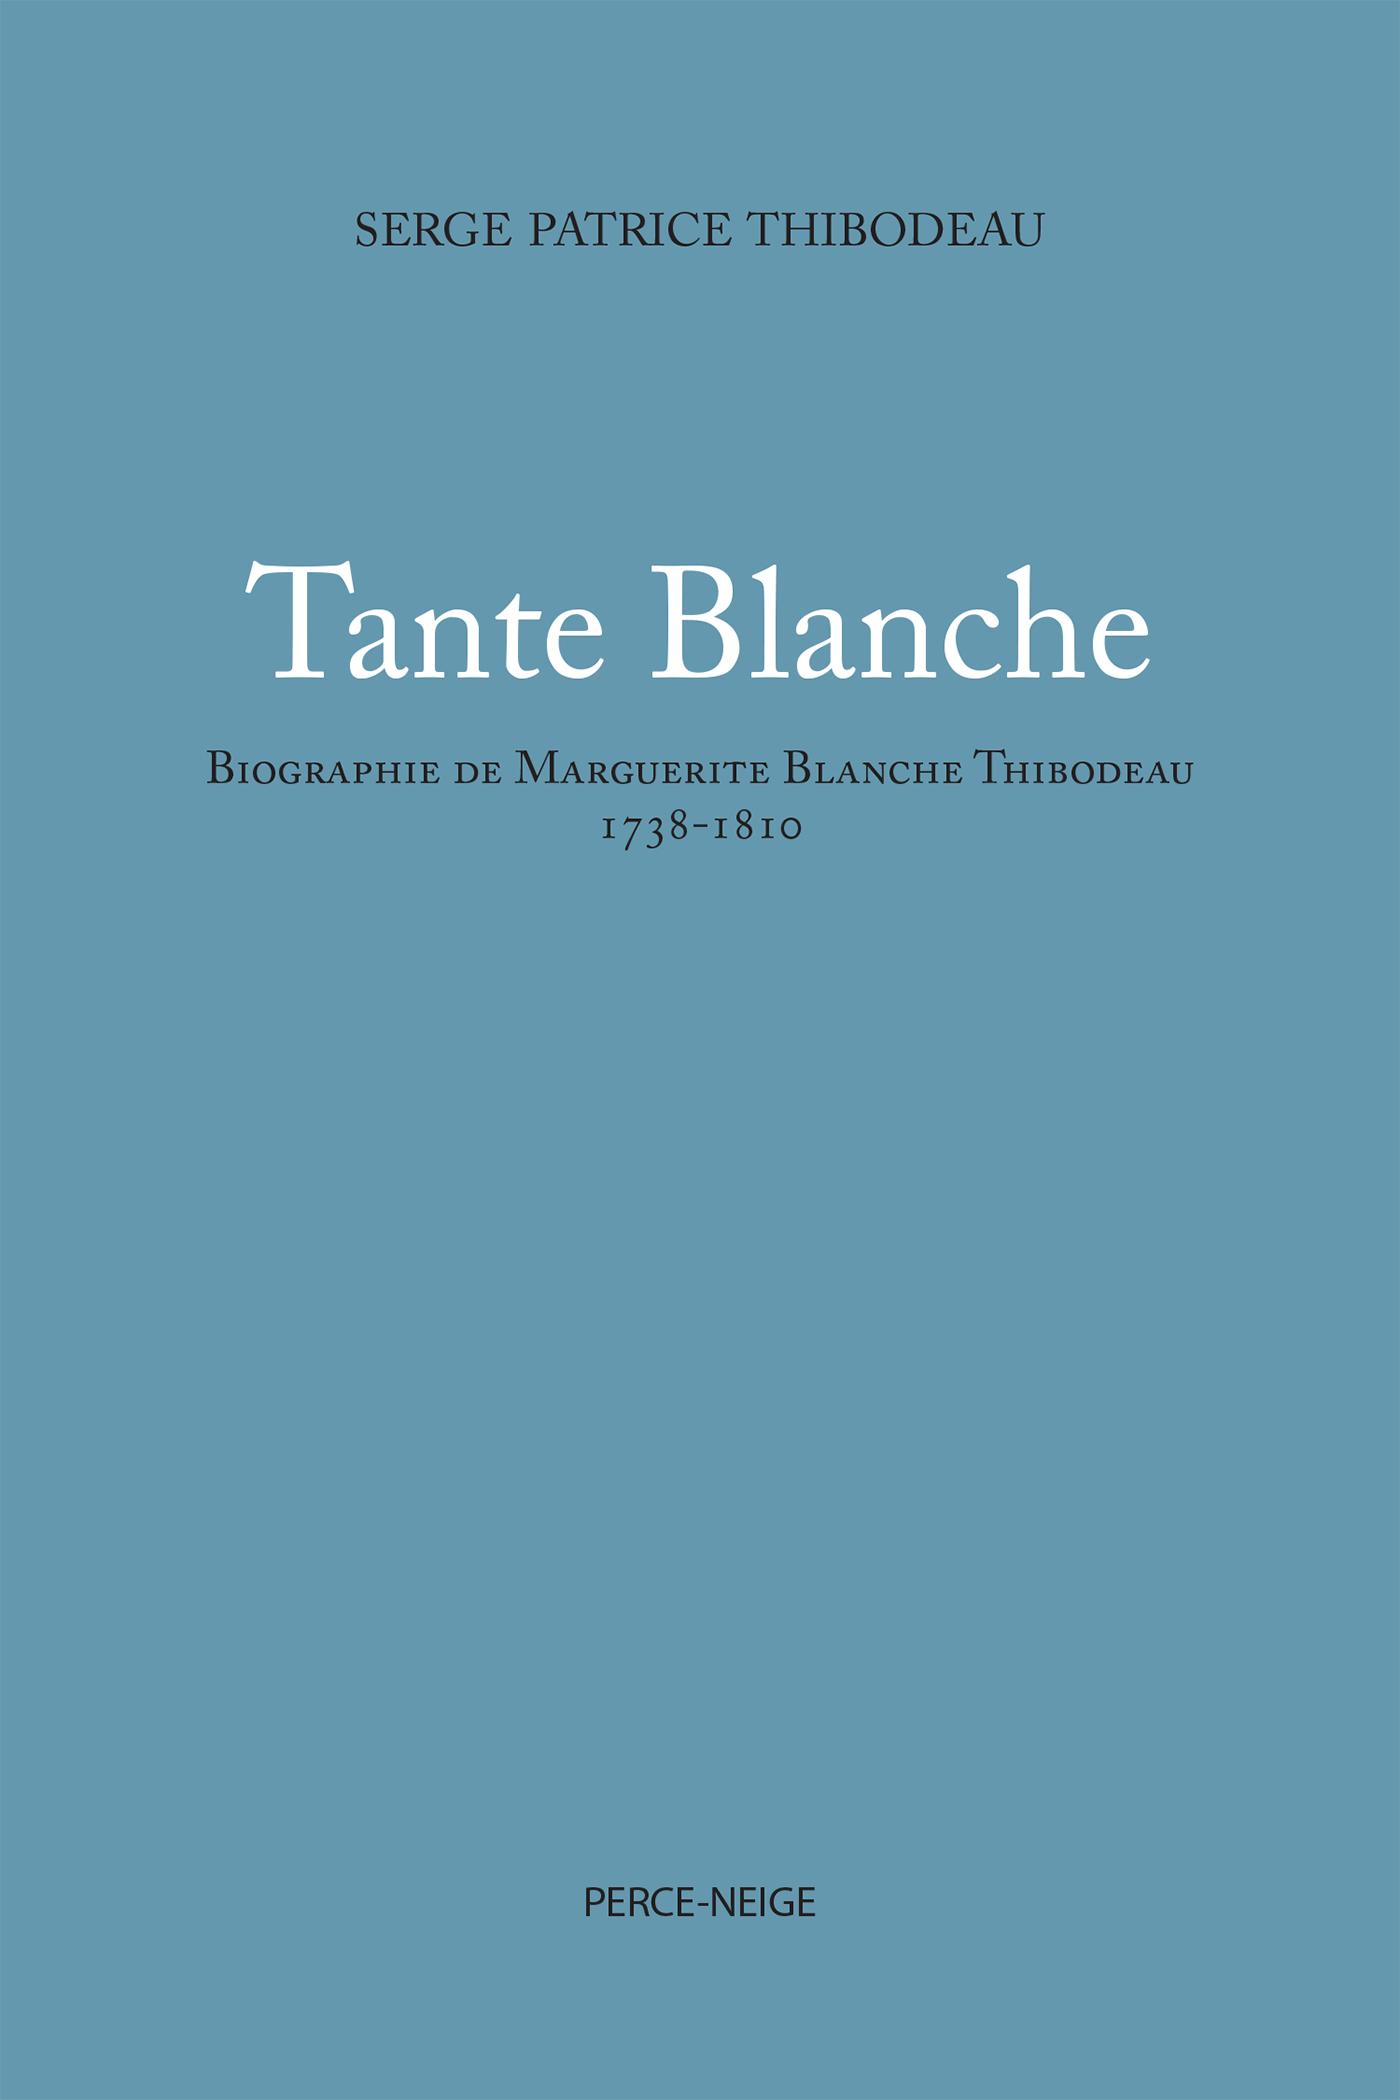 Tante Blanche